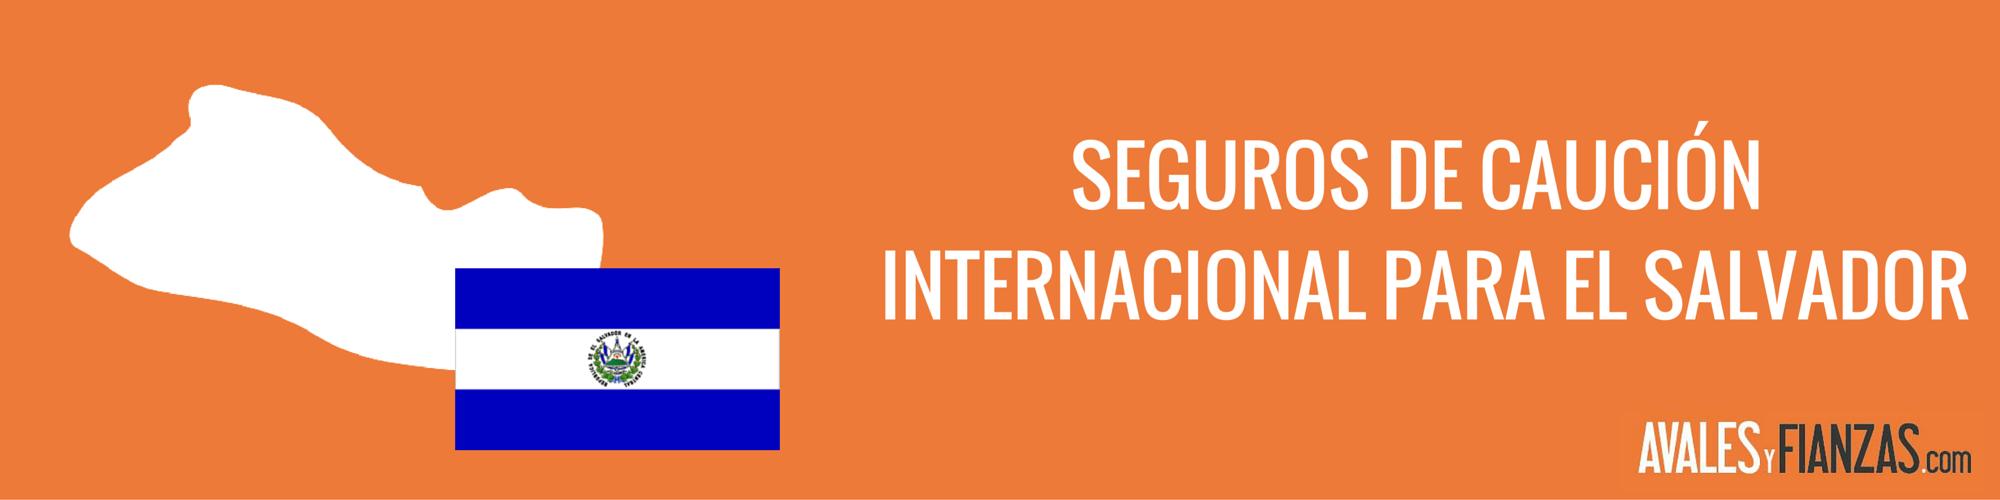 Aval para El Salvador